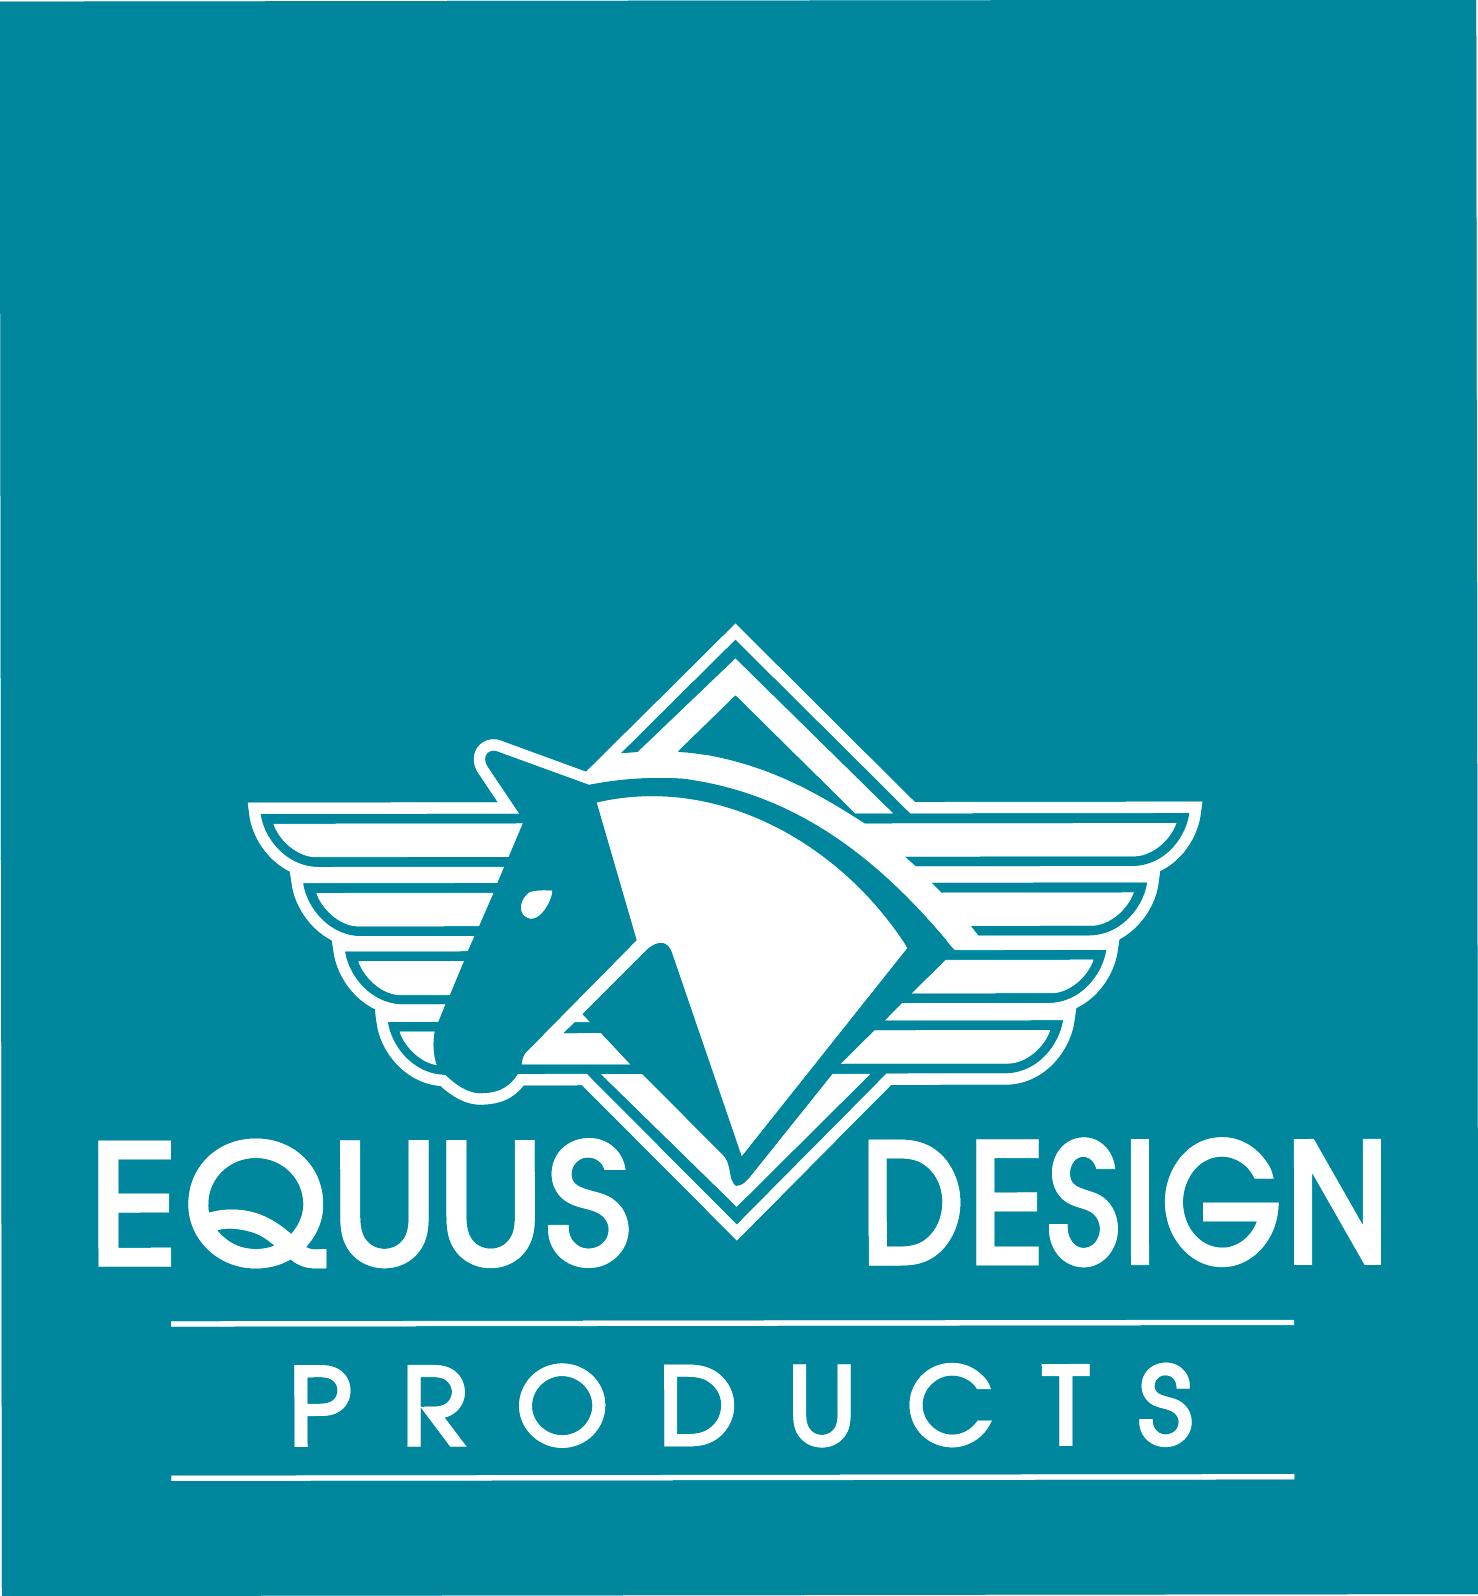 EQUUS DESIGN PRODUCTS GmbH & Co. KG